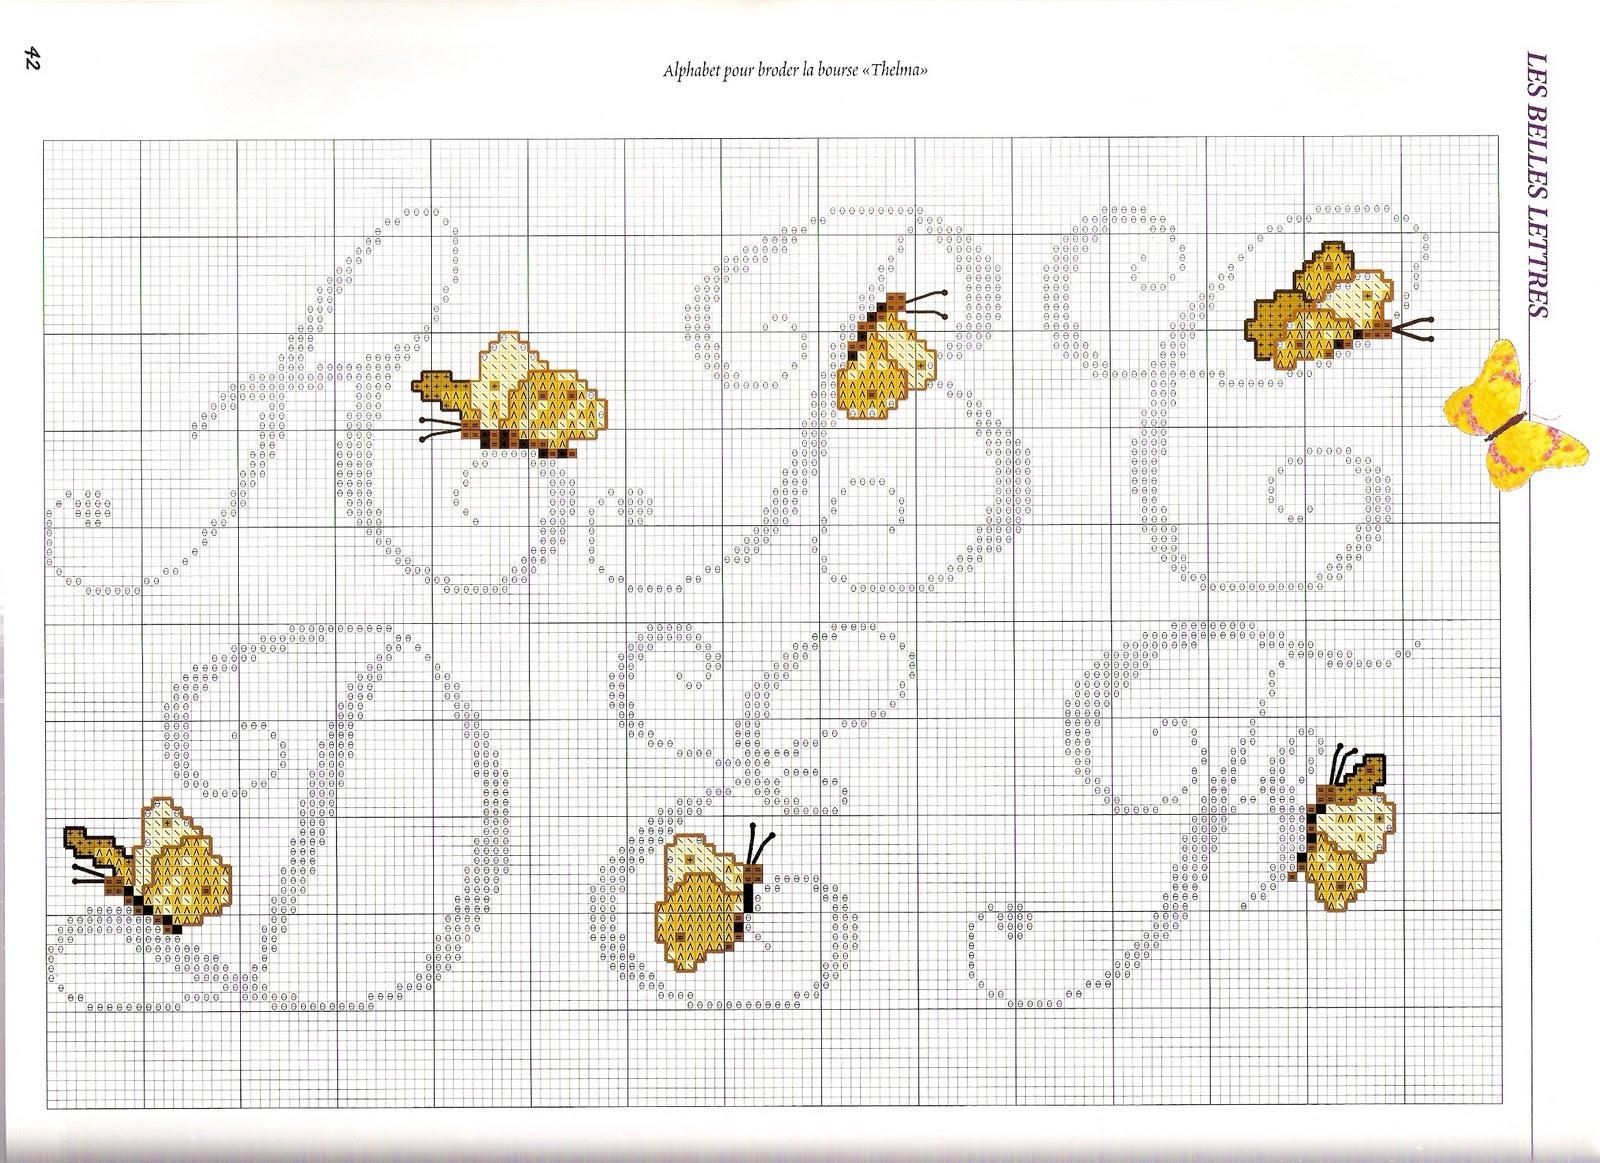 Alfabeto farfalle4 punto croce uncinetto for Schemi punto a croce alfabeto